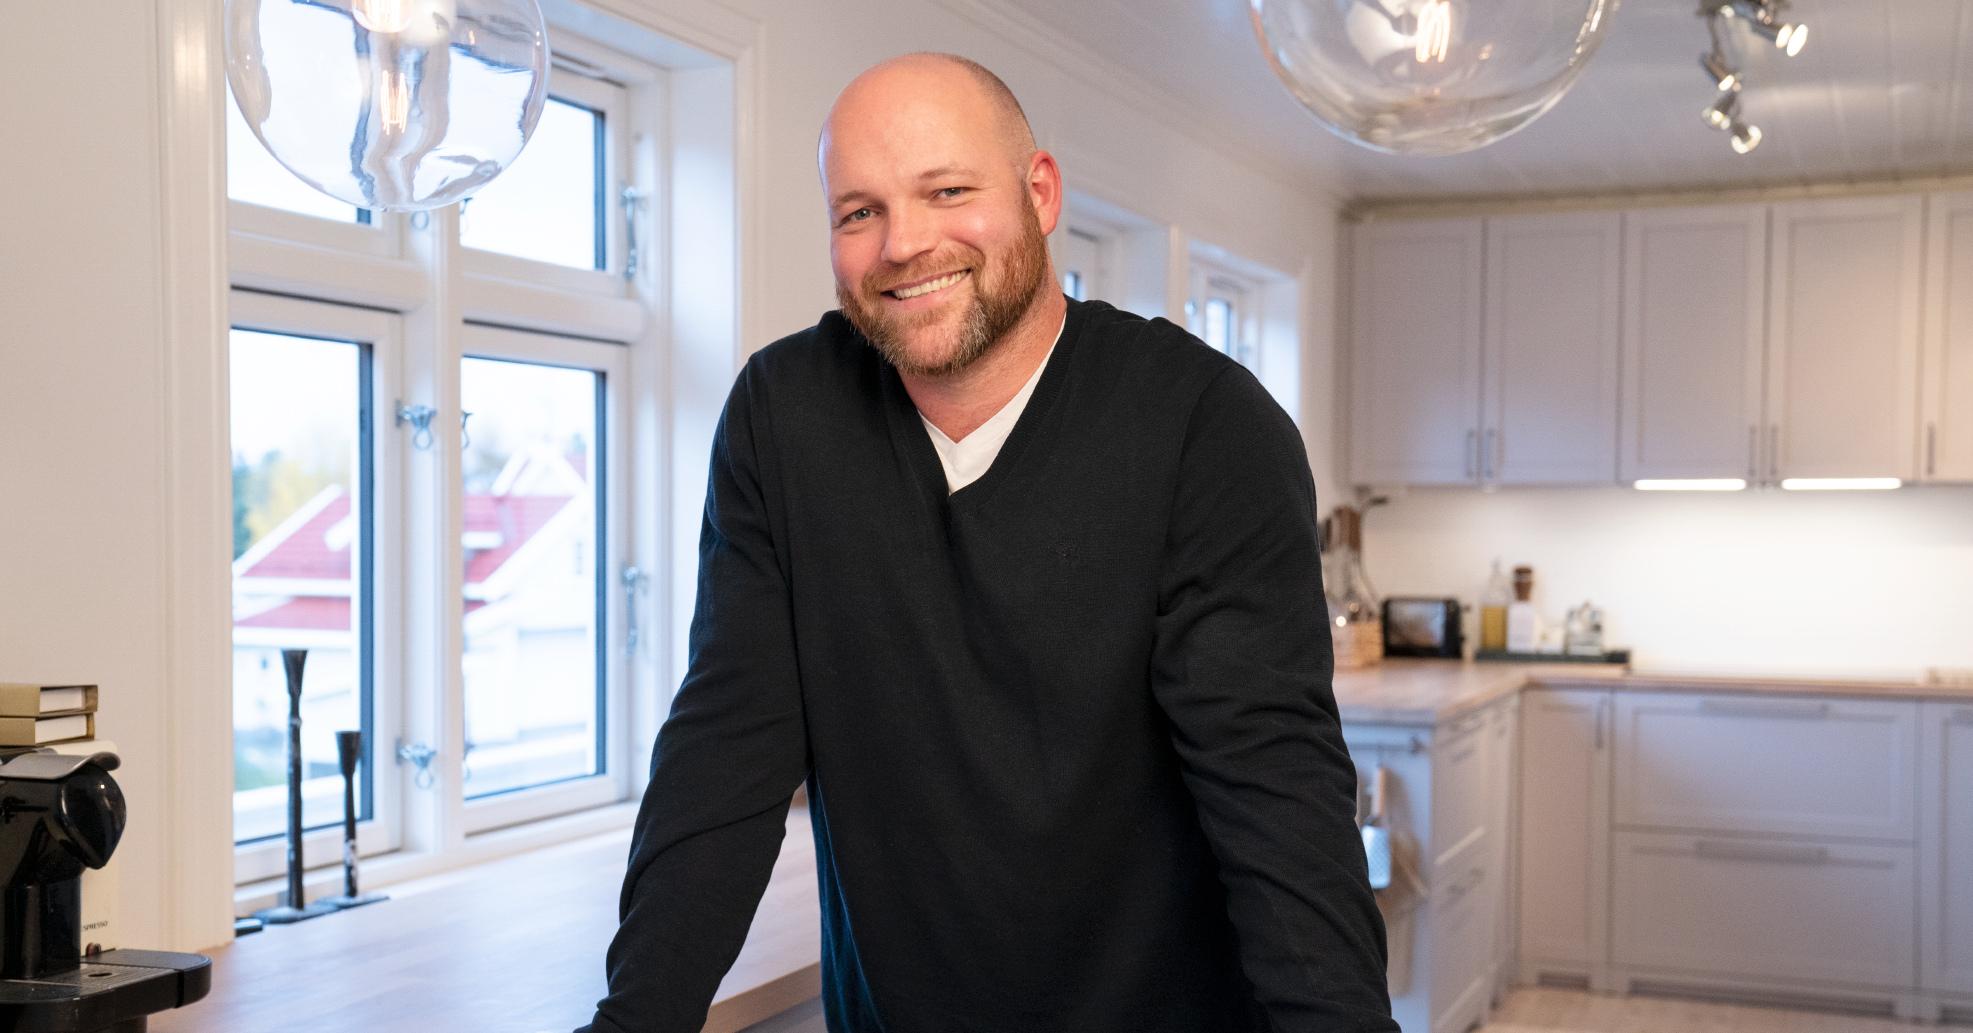 Bilde av en smilende Espen stående ved en kjøkkenbenk